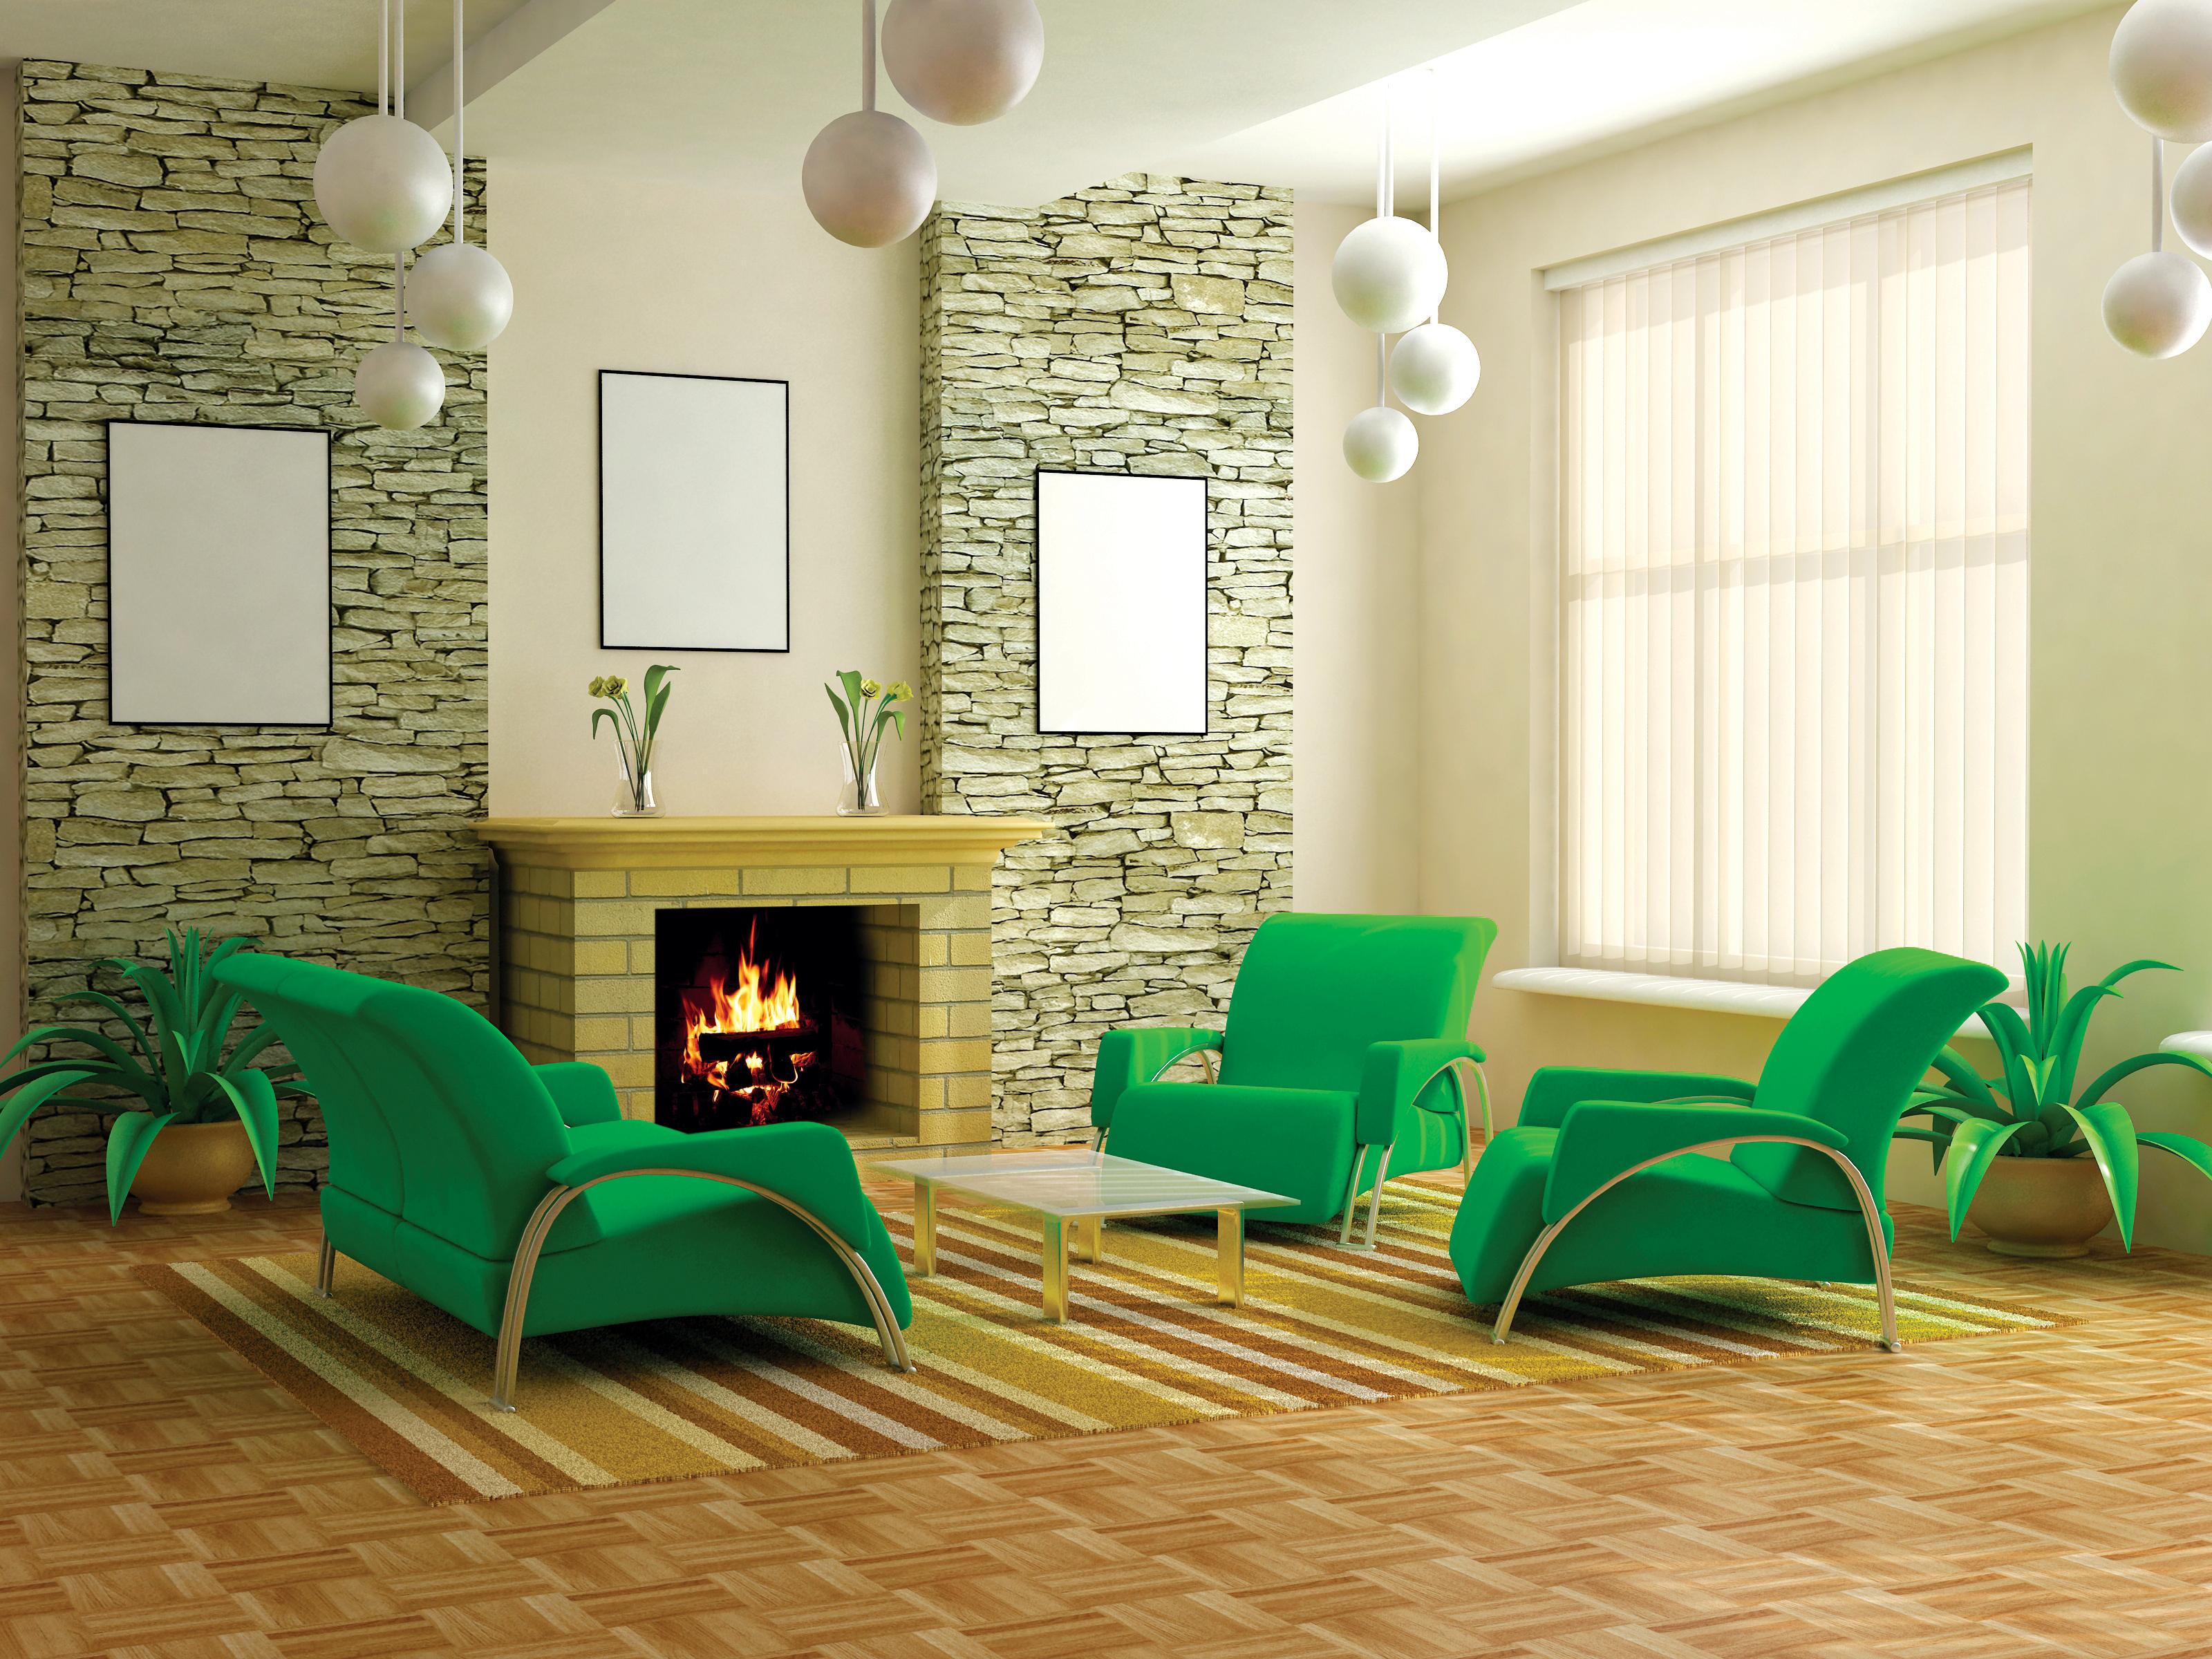 ديكورآتْ جميلة باللونْ الآخضر bntpal_1460987639_39